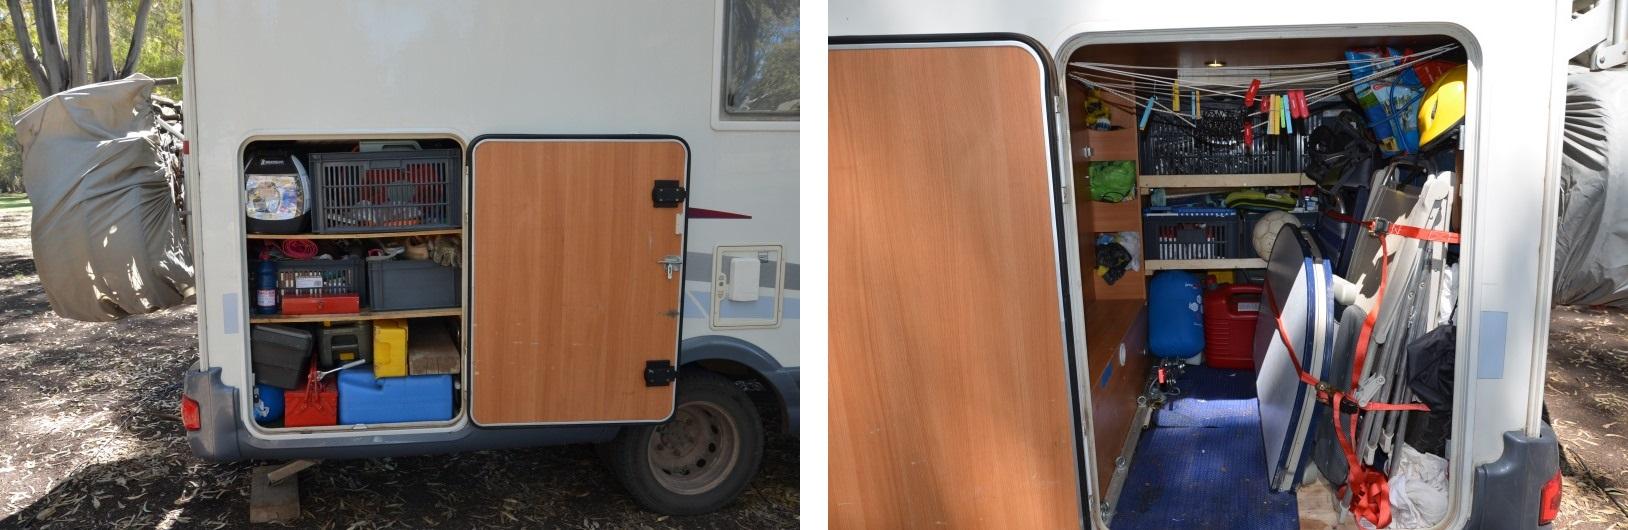 Rangement Soute Camping Car Venus Et Judes